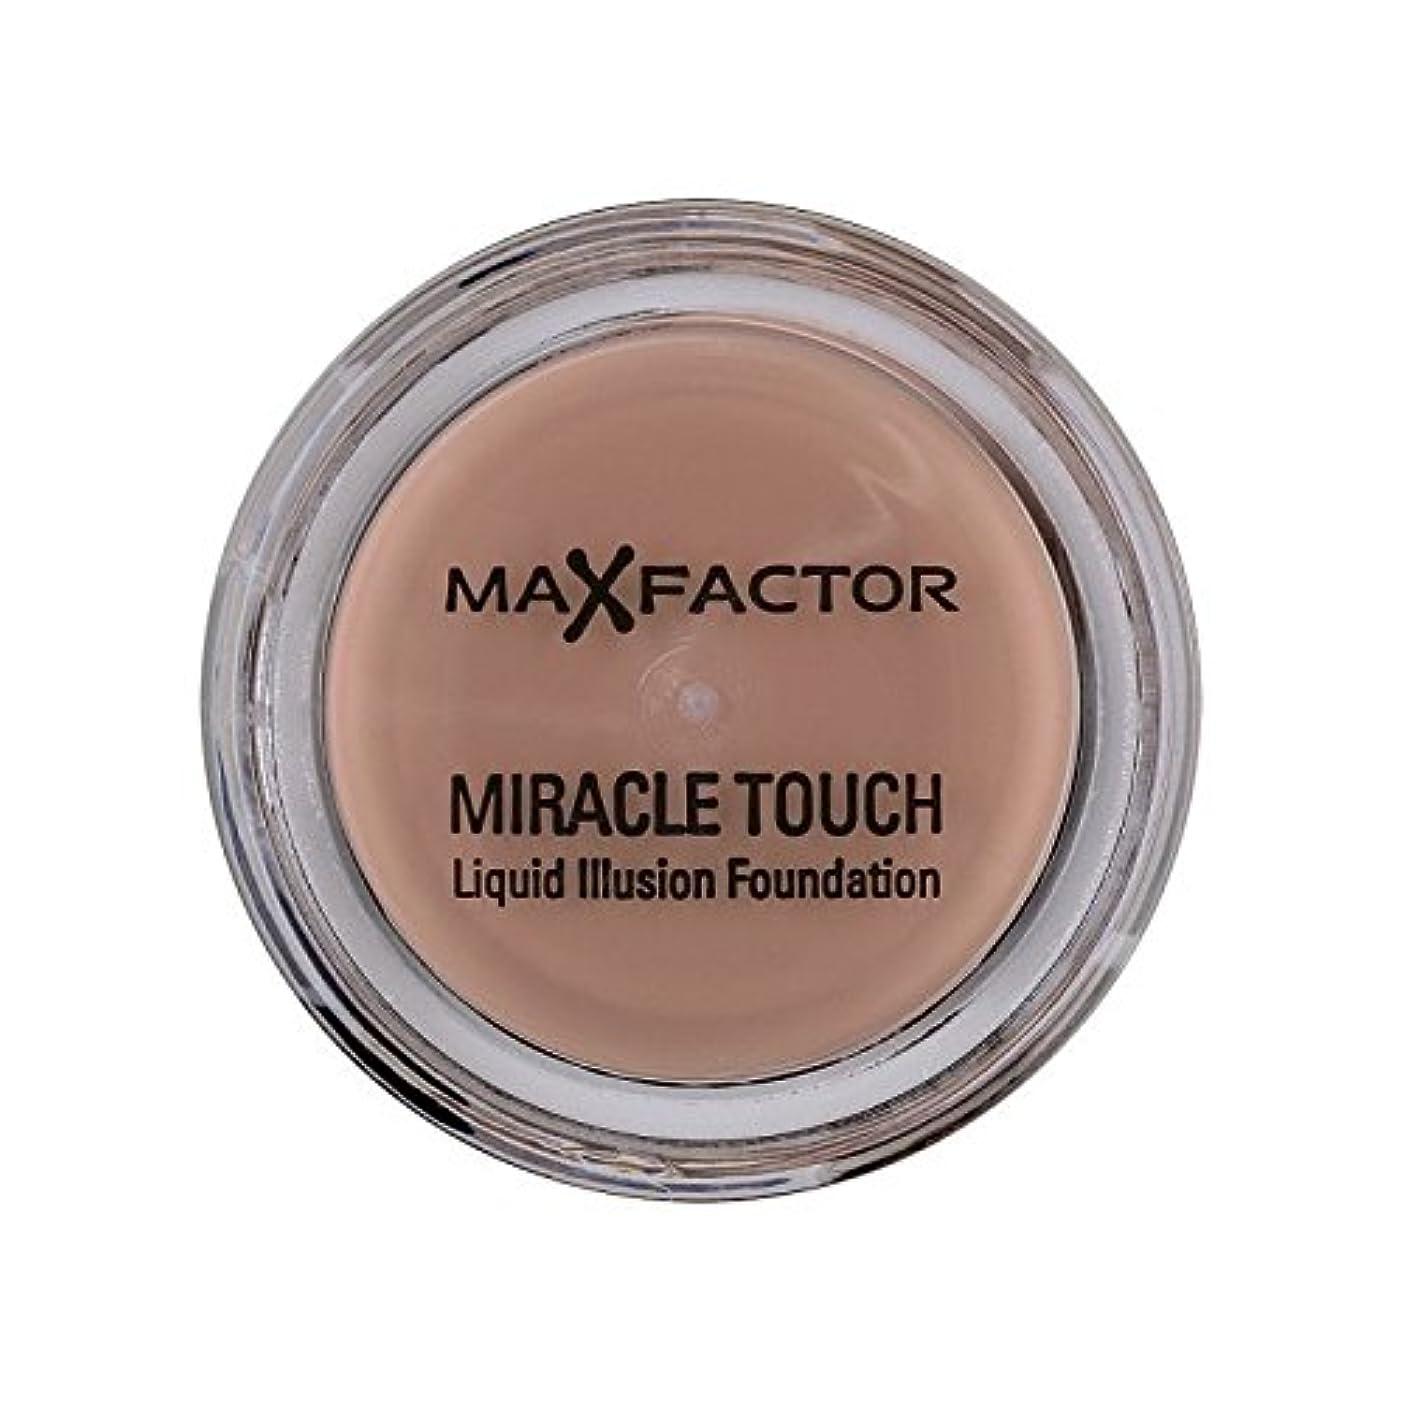 助手自動化ペグマックスファクターの奇跡のタッチ基盤の自然70 x2 - Max Factor Miracle Touch Foundation Natural 70 (Pack of 2) [並行輸入品]